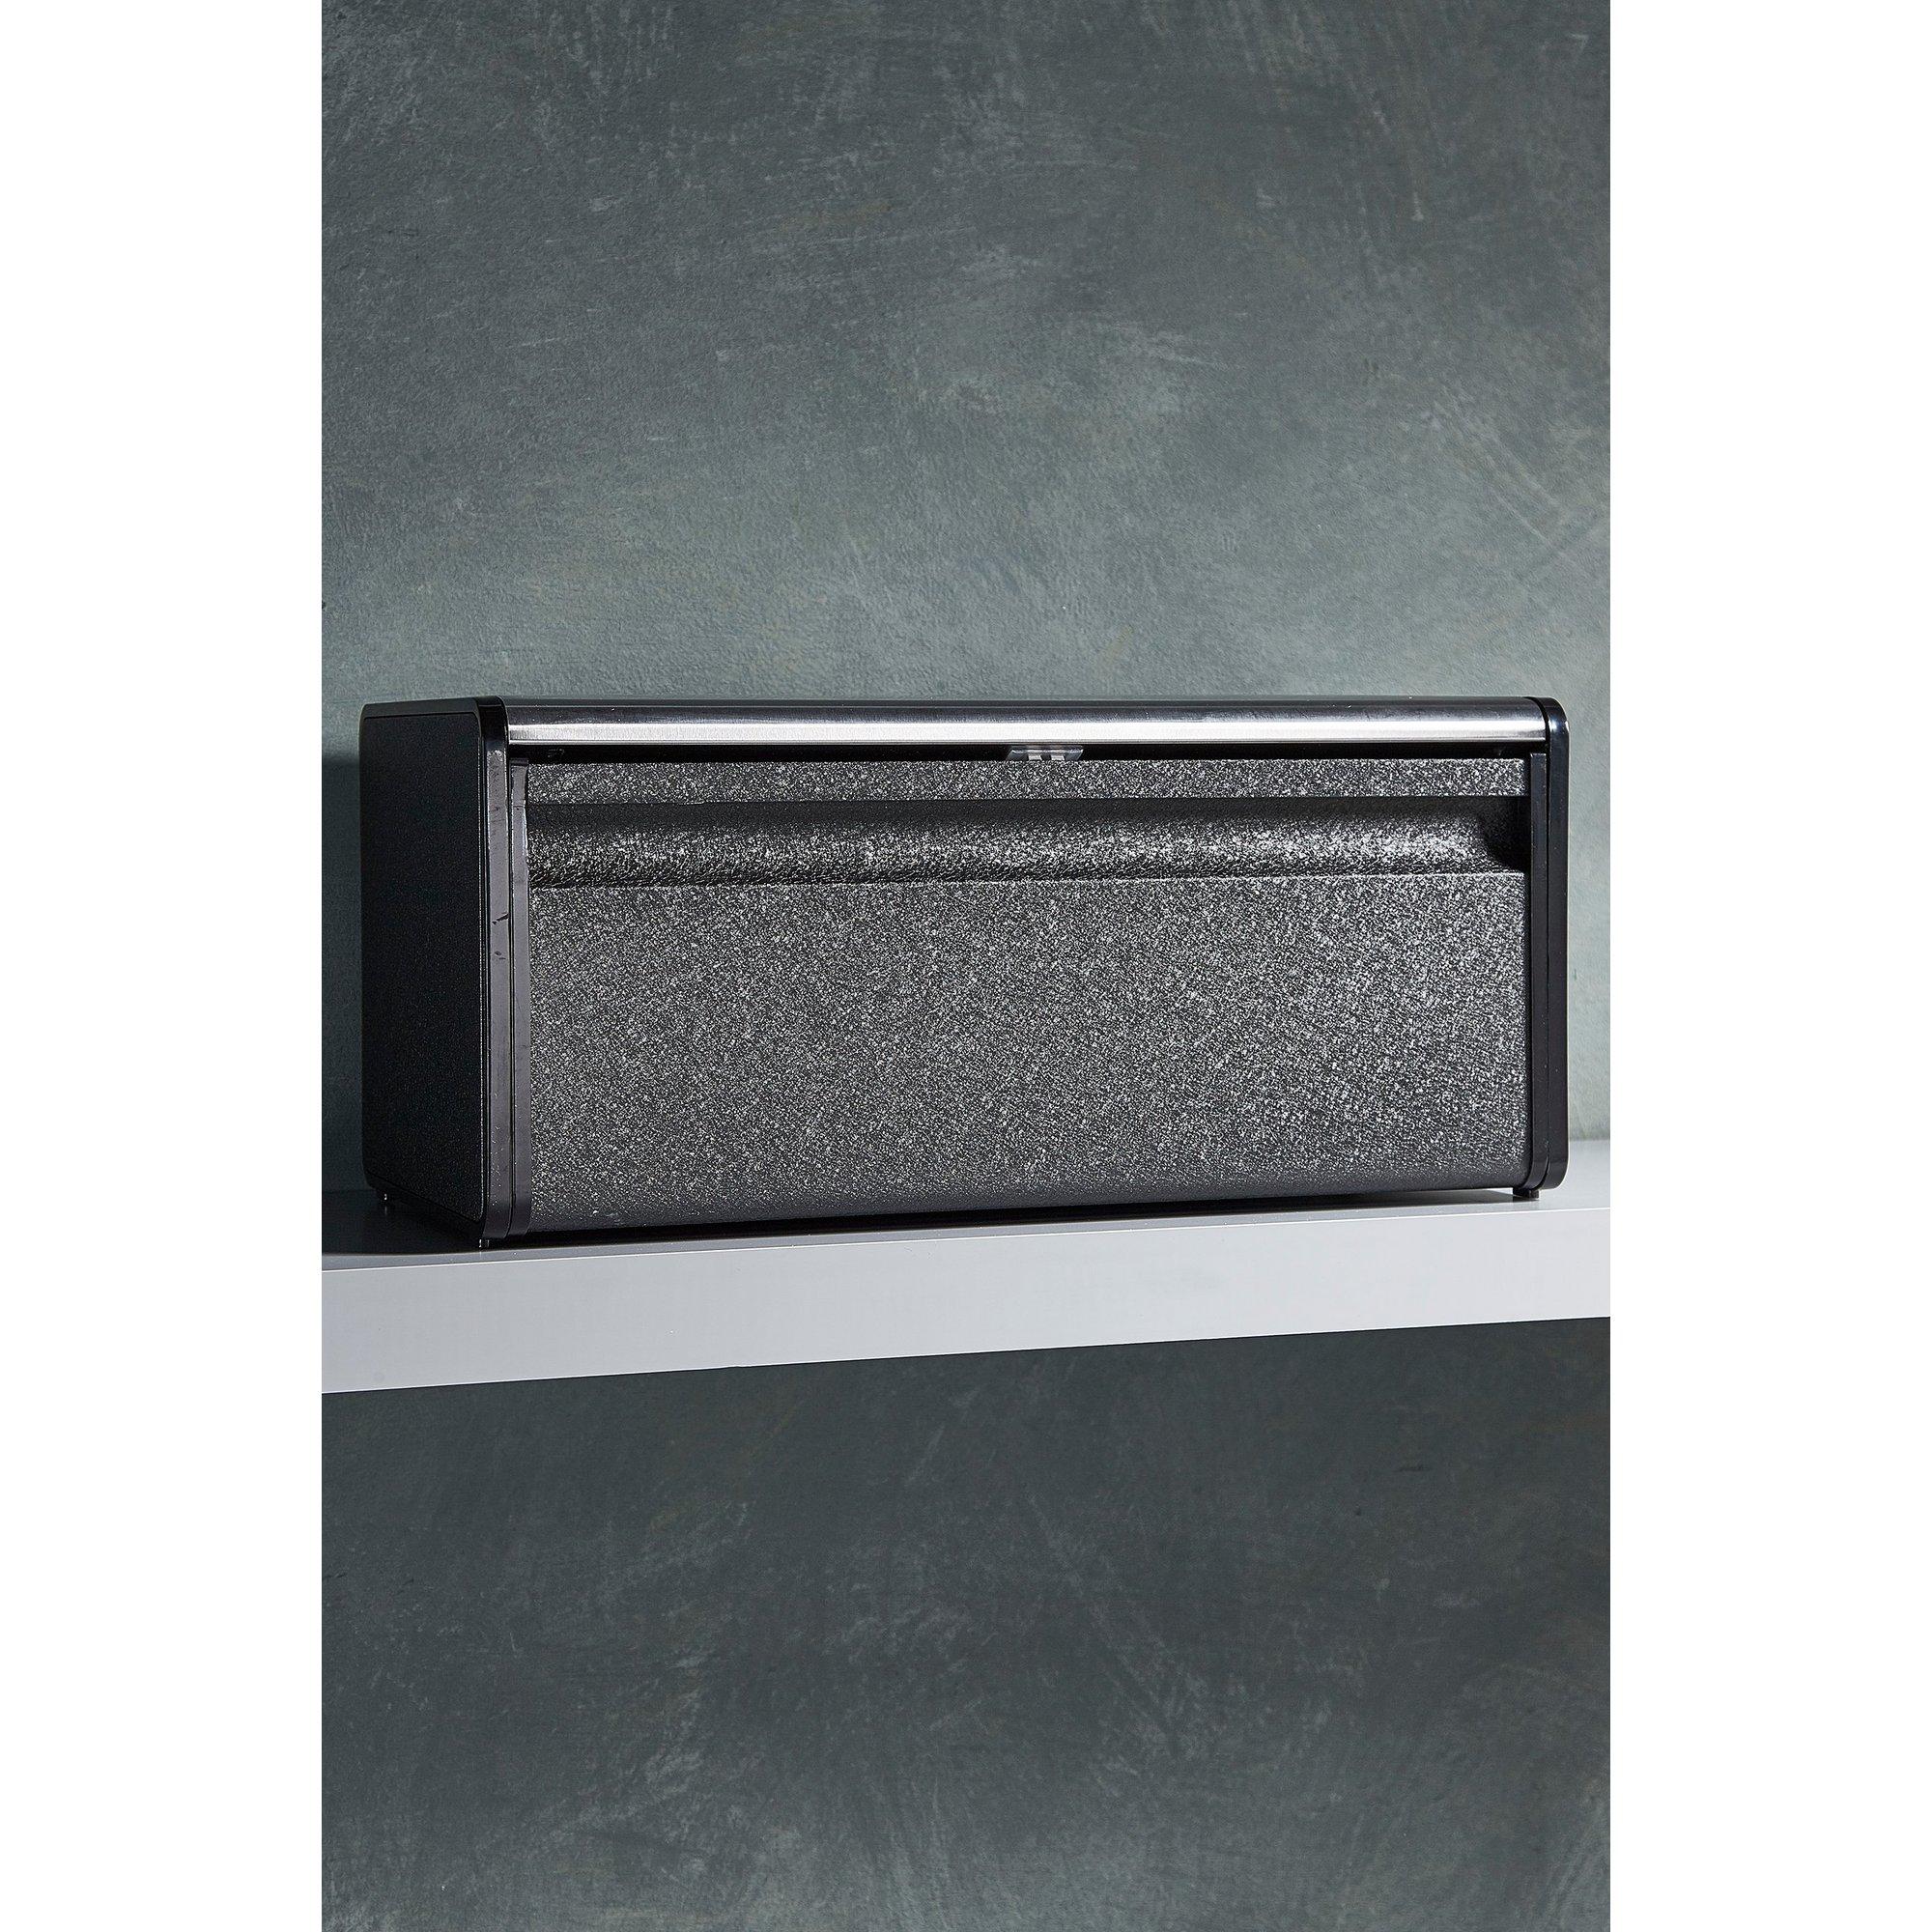 Image of Daewoo Glace Noir Bread Bin